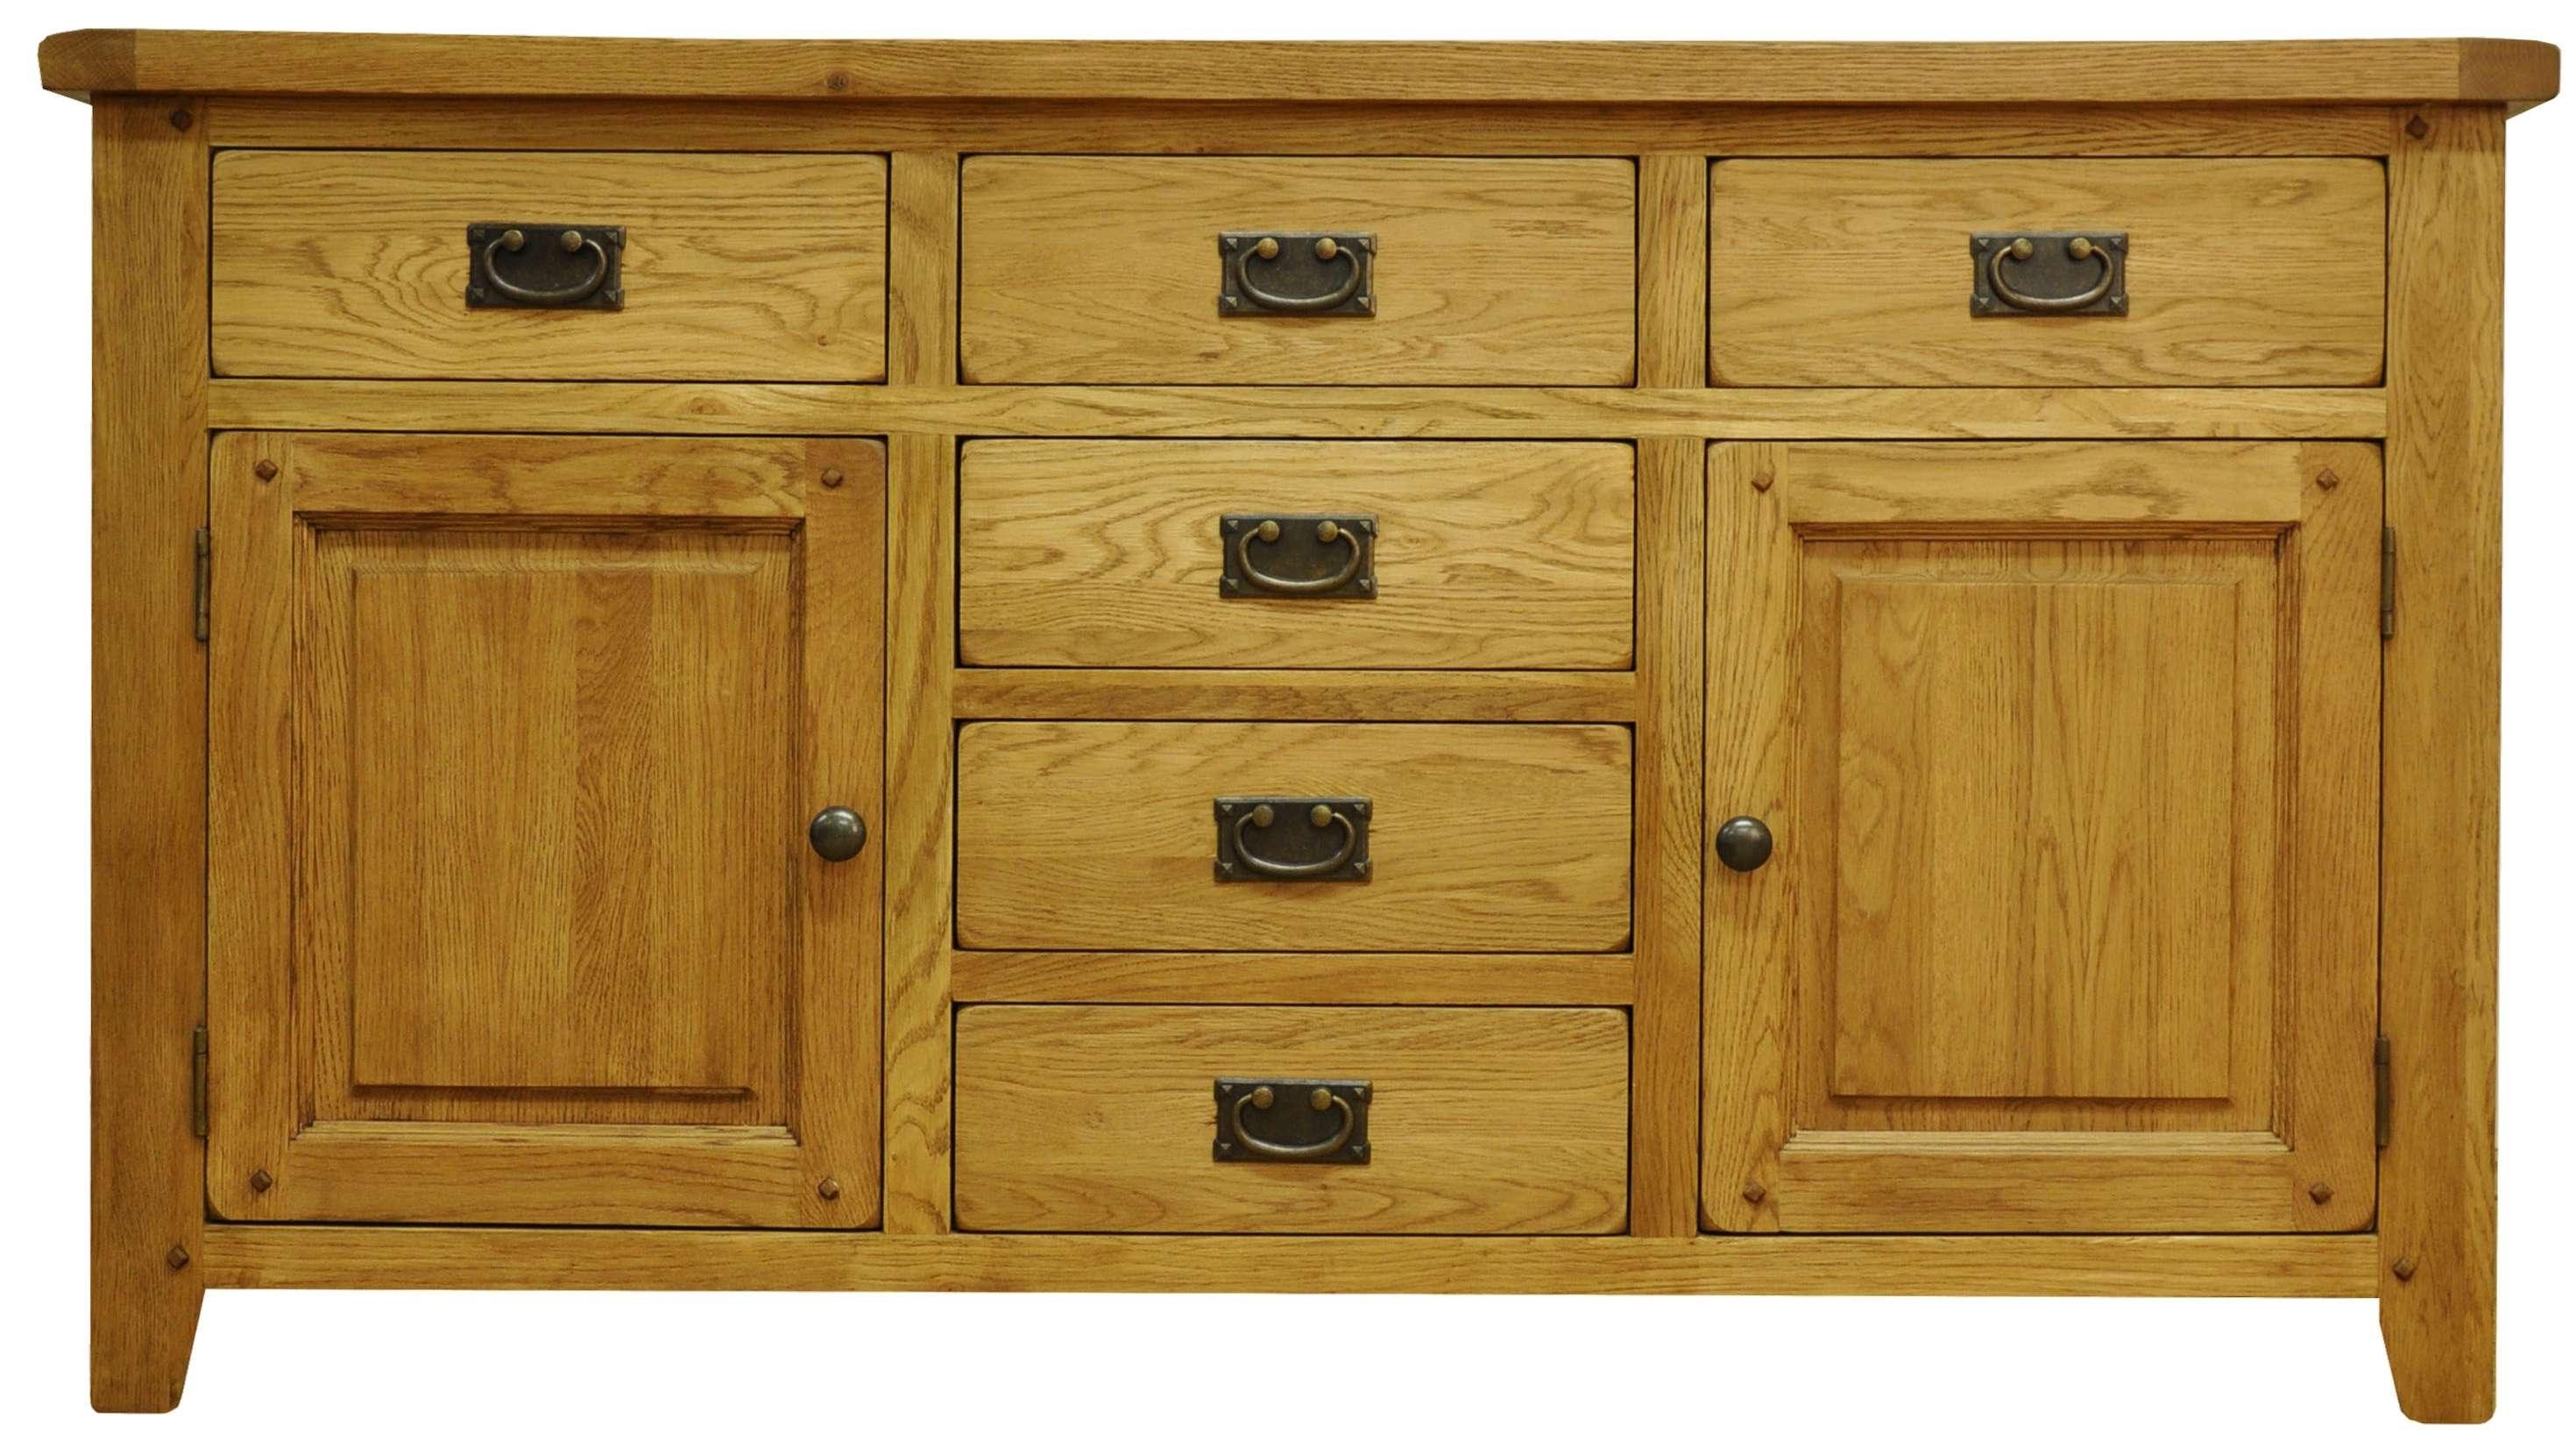 Oldbury Rustic Oak Sideboard With 2 Doors And 6 Drawersstanton Pertaining To Oak Sideboards (View 10 of 20)